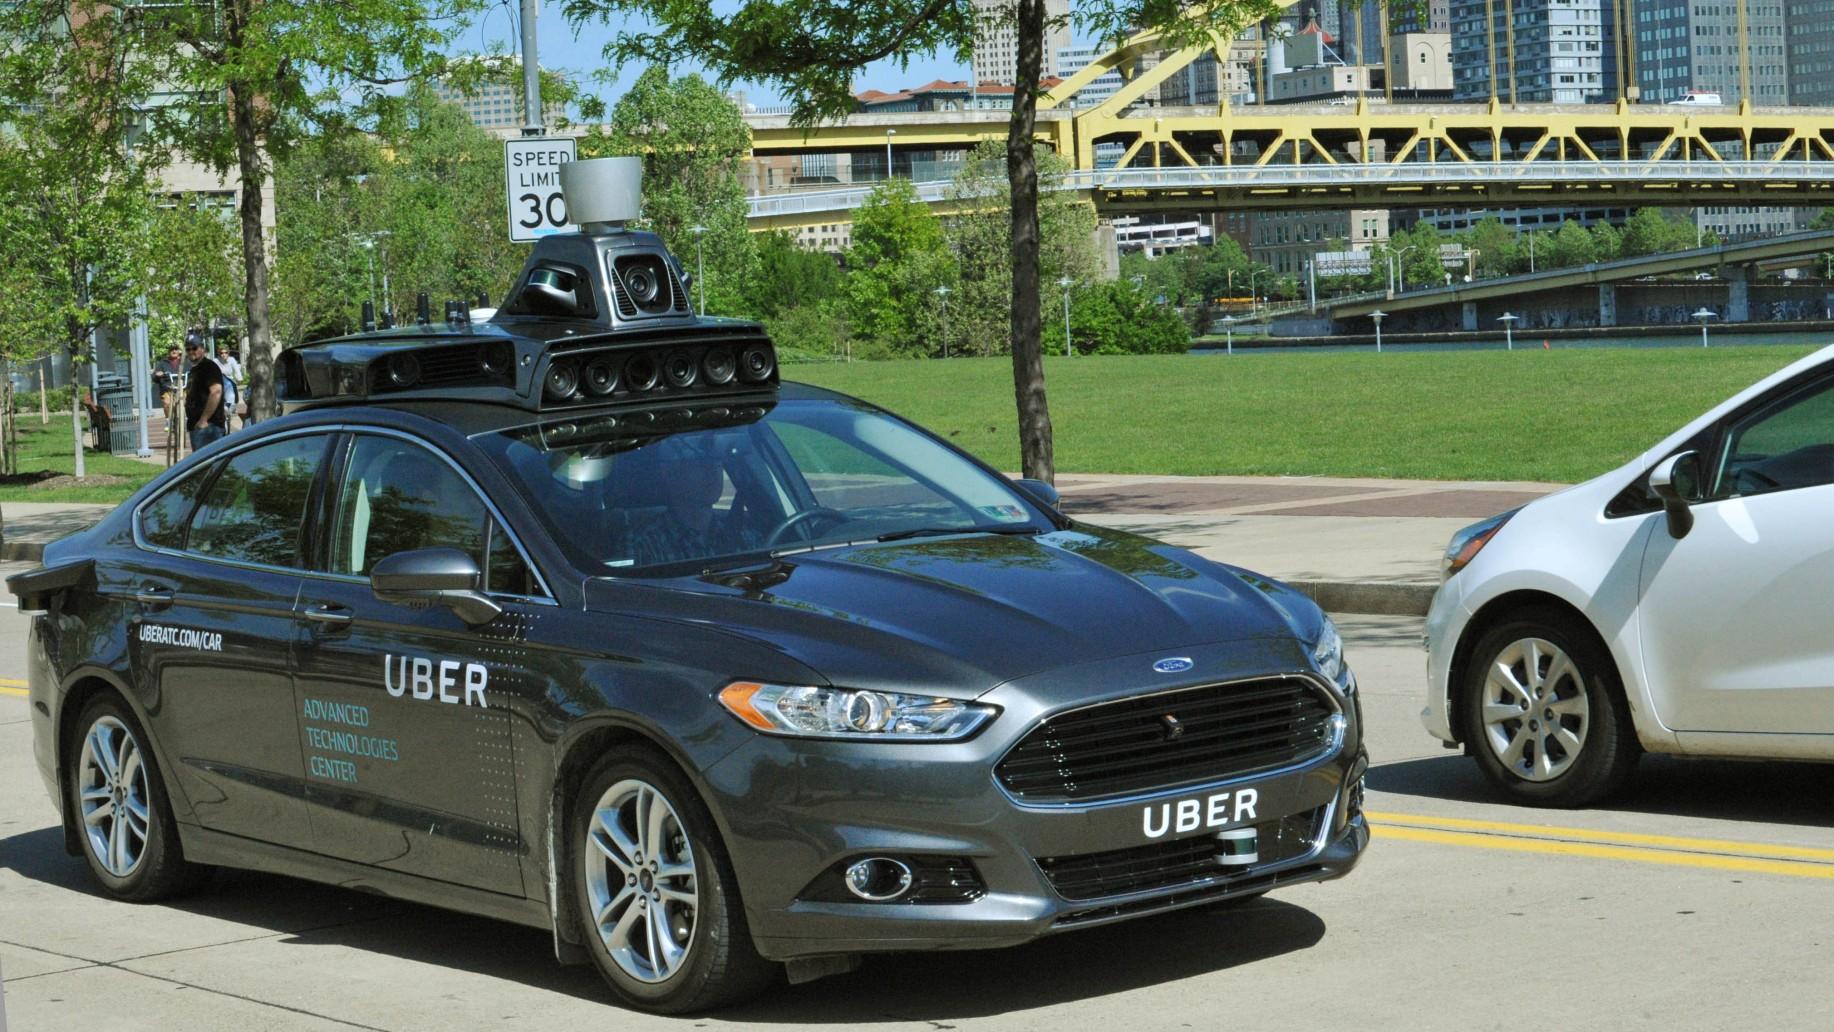 Med radar, laser og høyoppløste kameraer ombord skal Ubers nye prosjekt gjøre førerløse biler en realitet for selskapet.